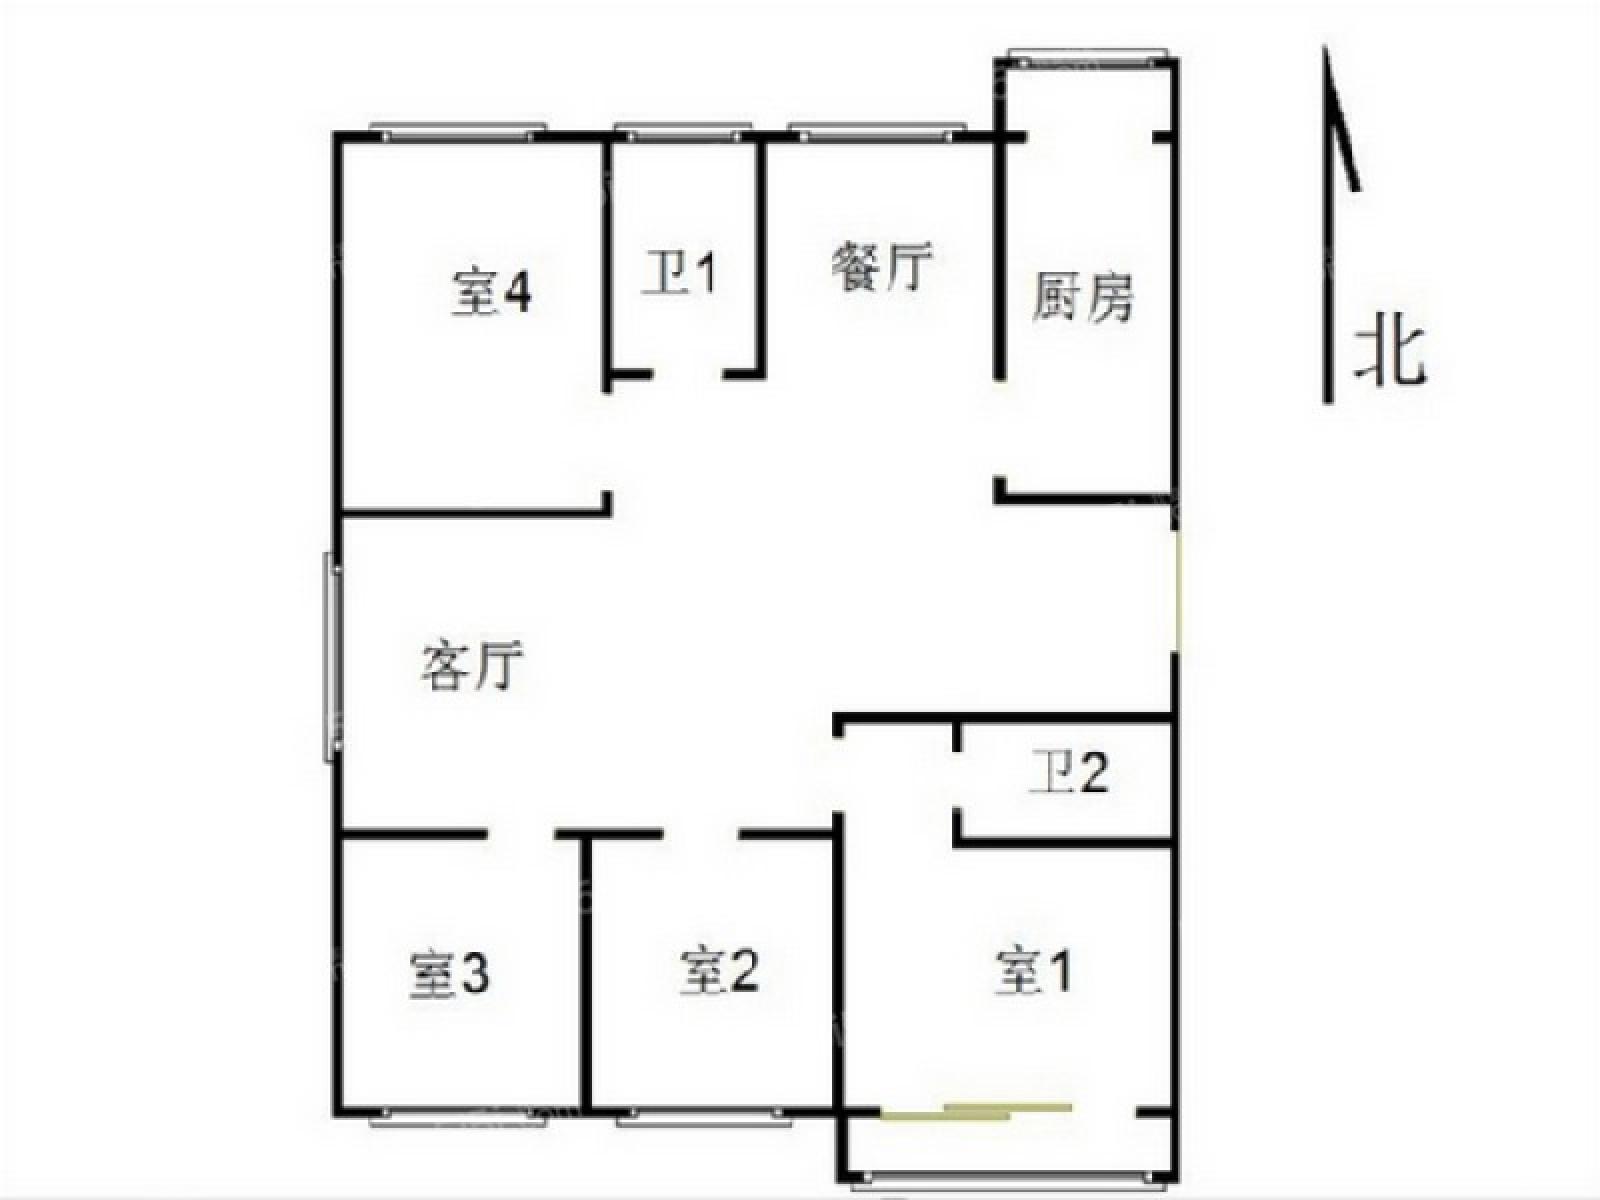 玄武区玄武门湖景花园3室2厅户型图